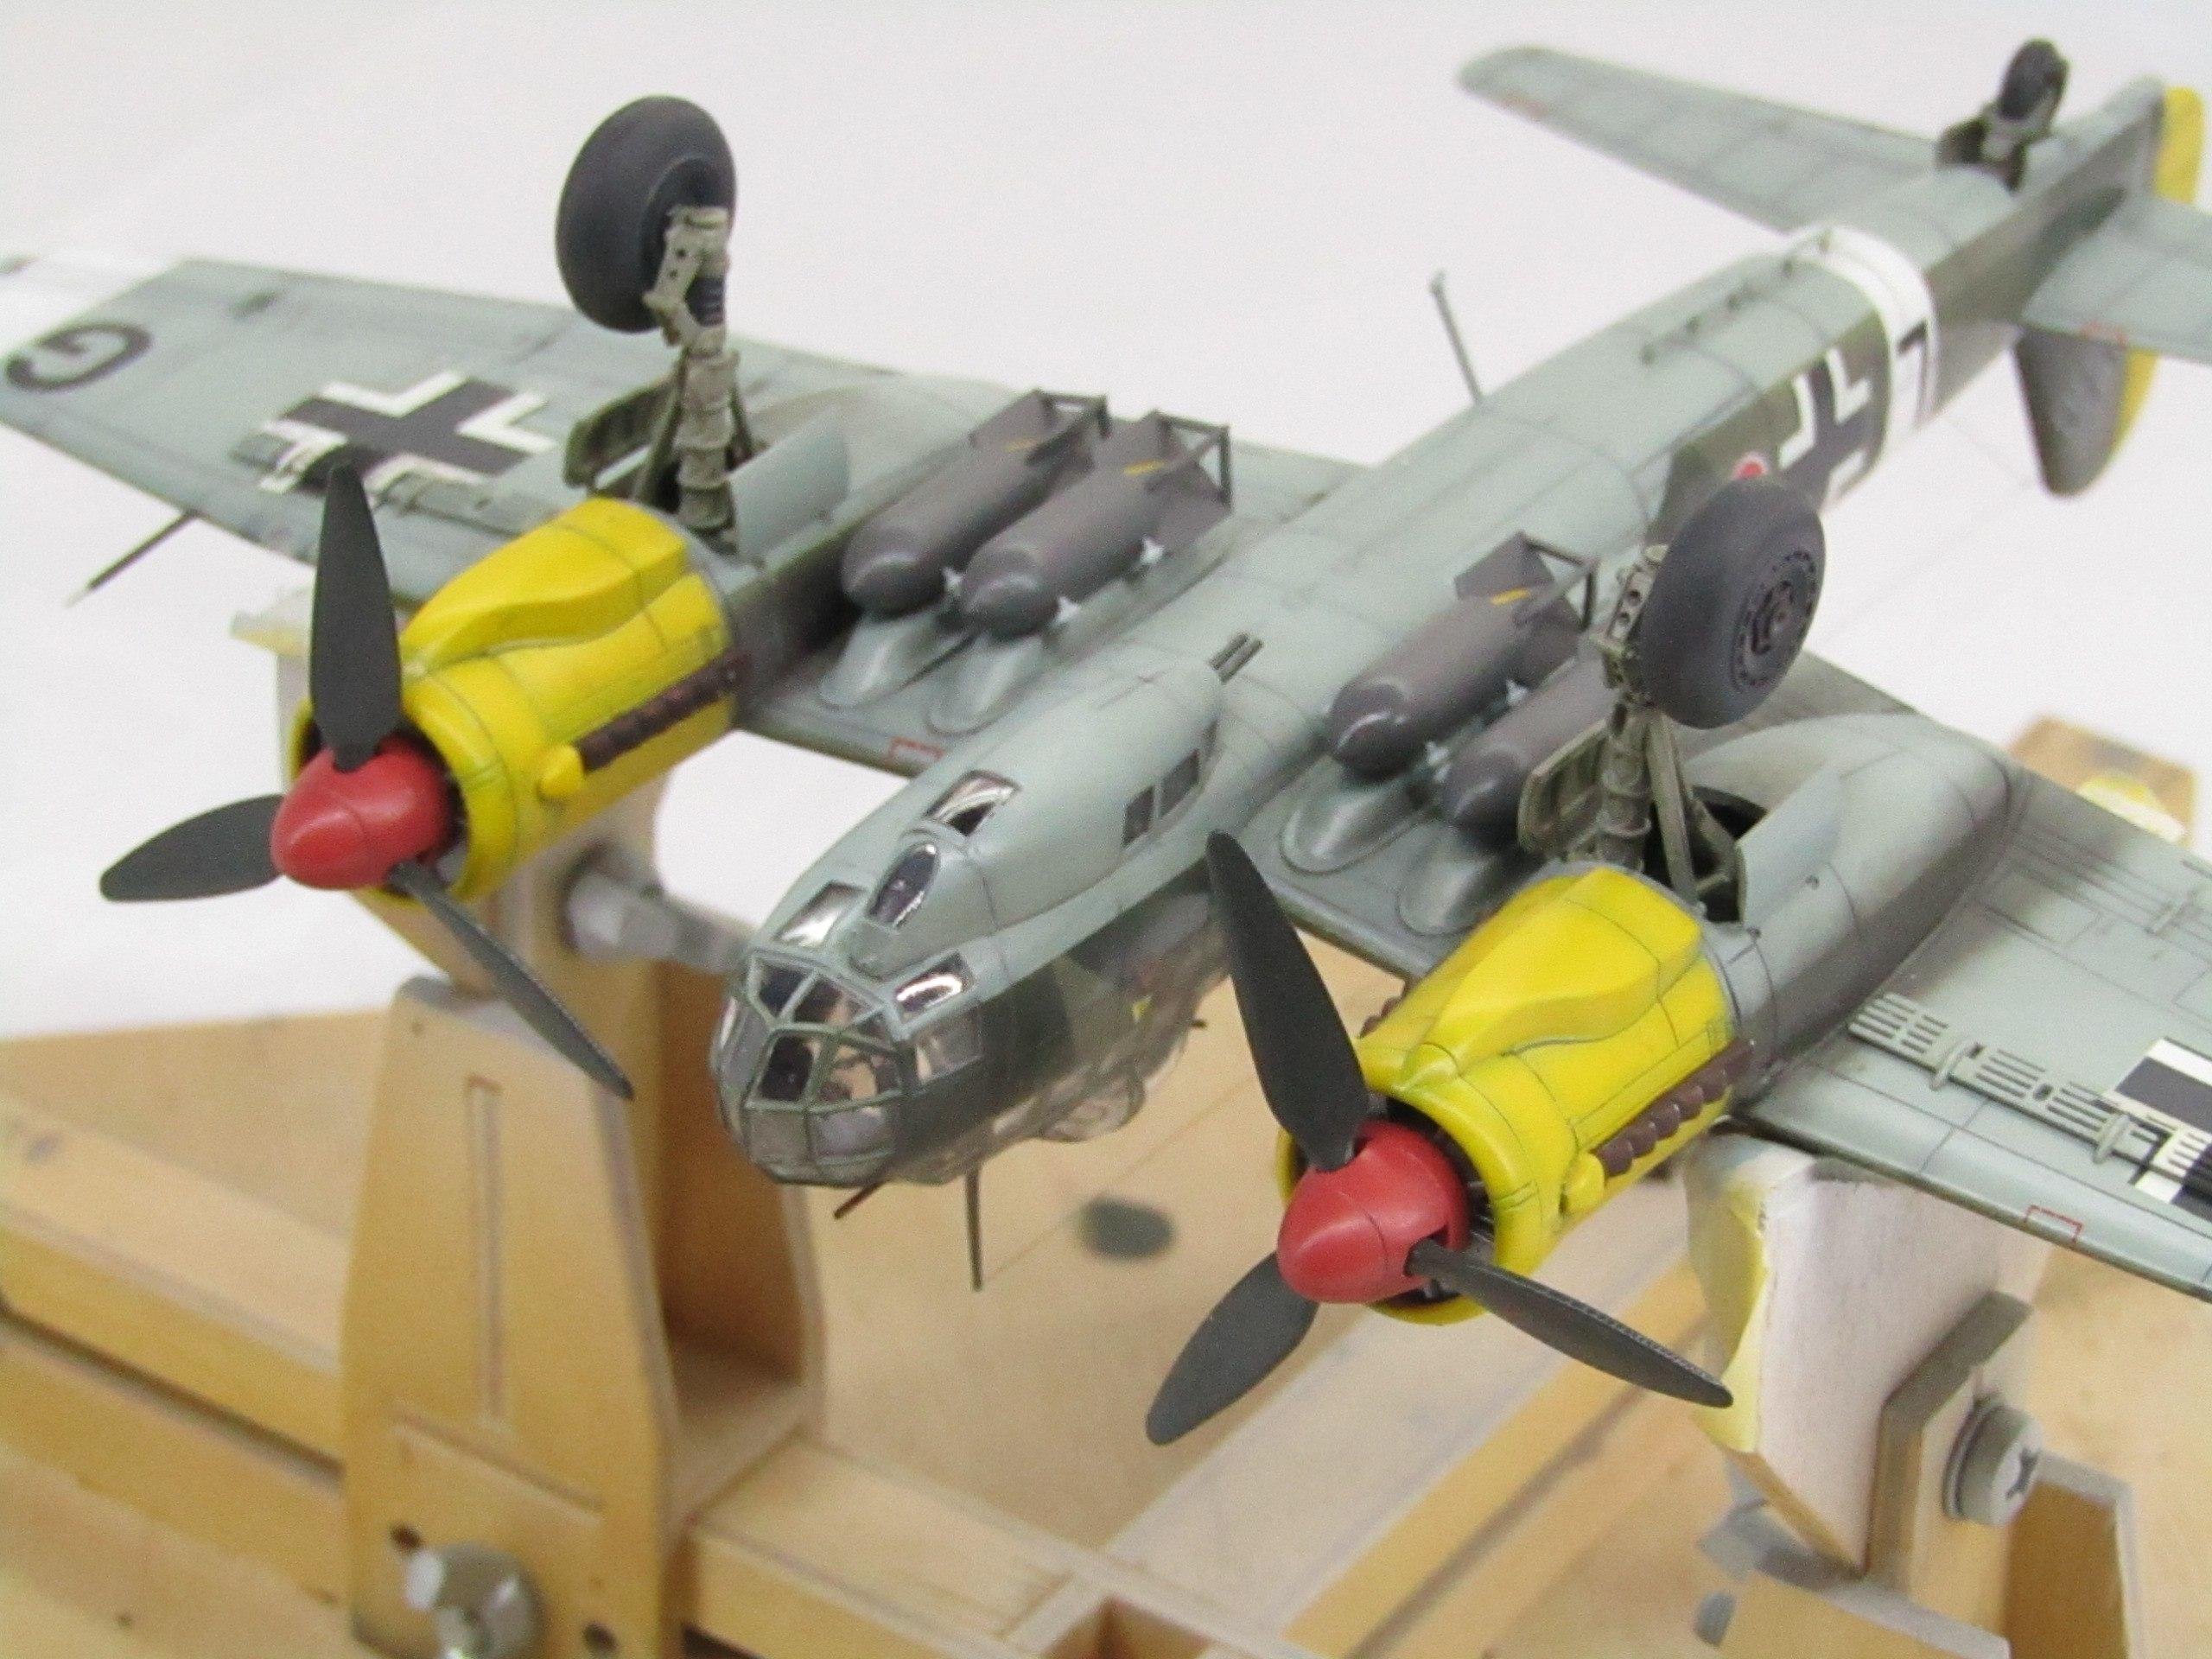 Ju-88 A-4 1/72 (Звезда) LWGfjl7Zsbs